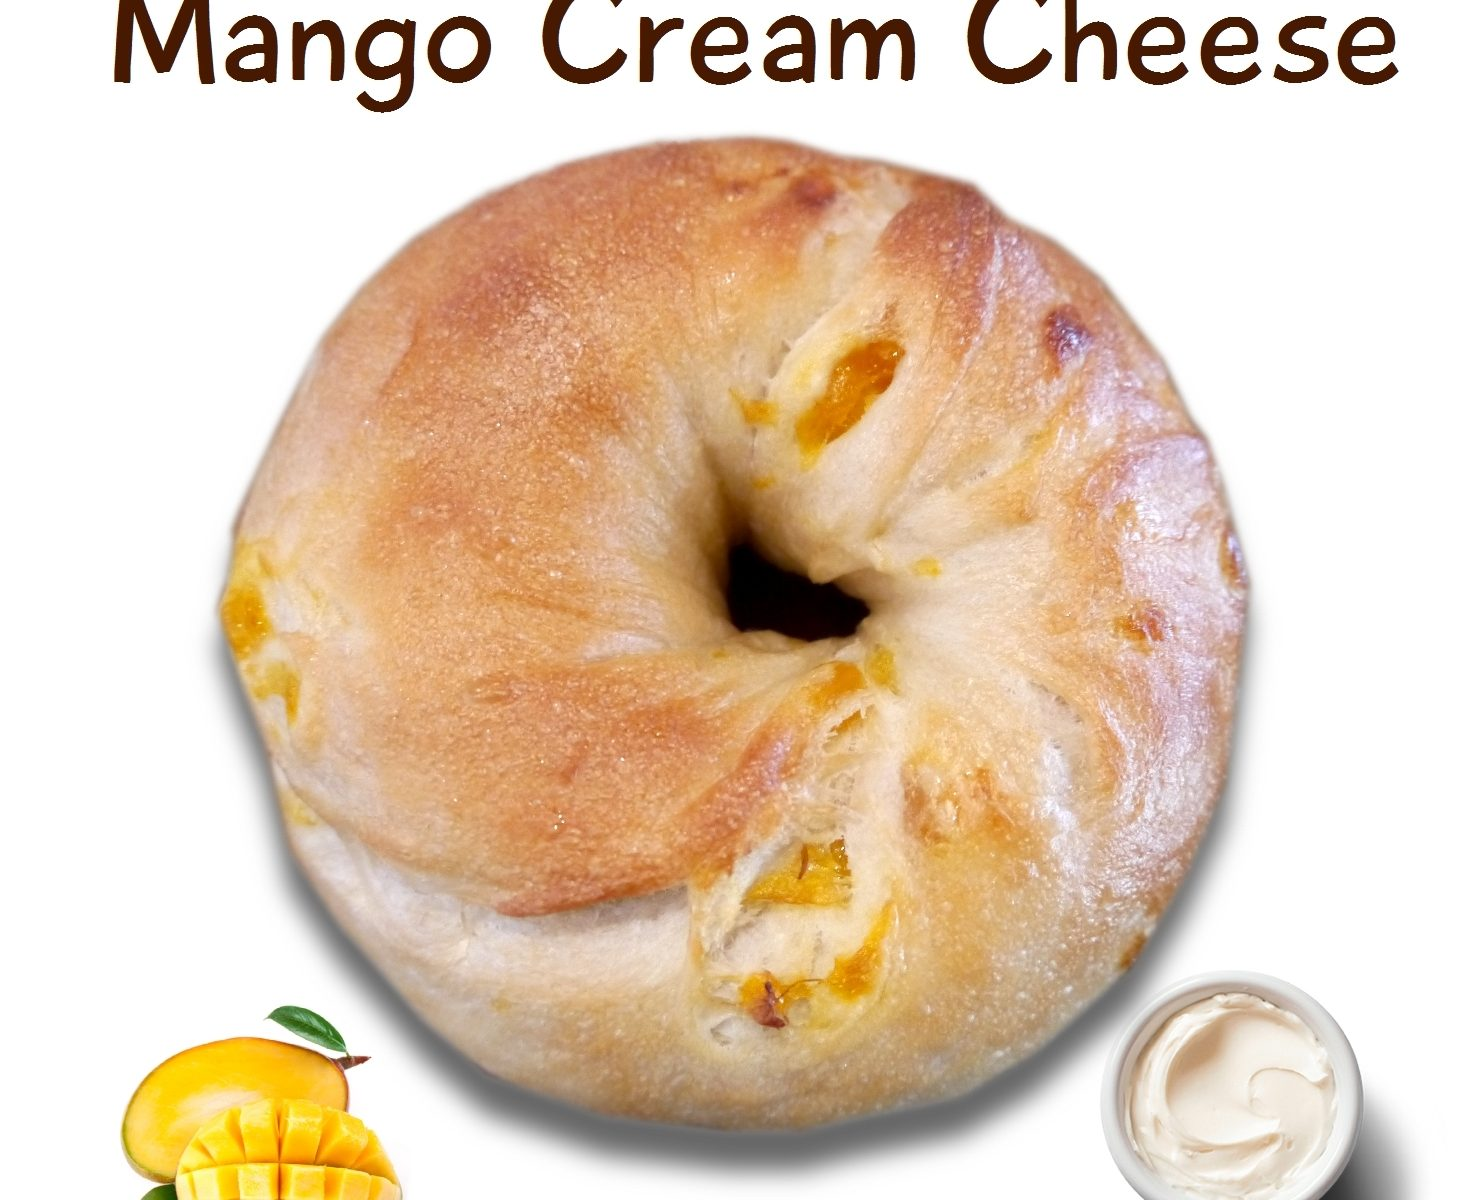 ベーグル: マンゴークリームチーズ